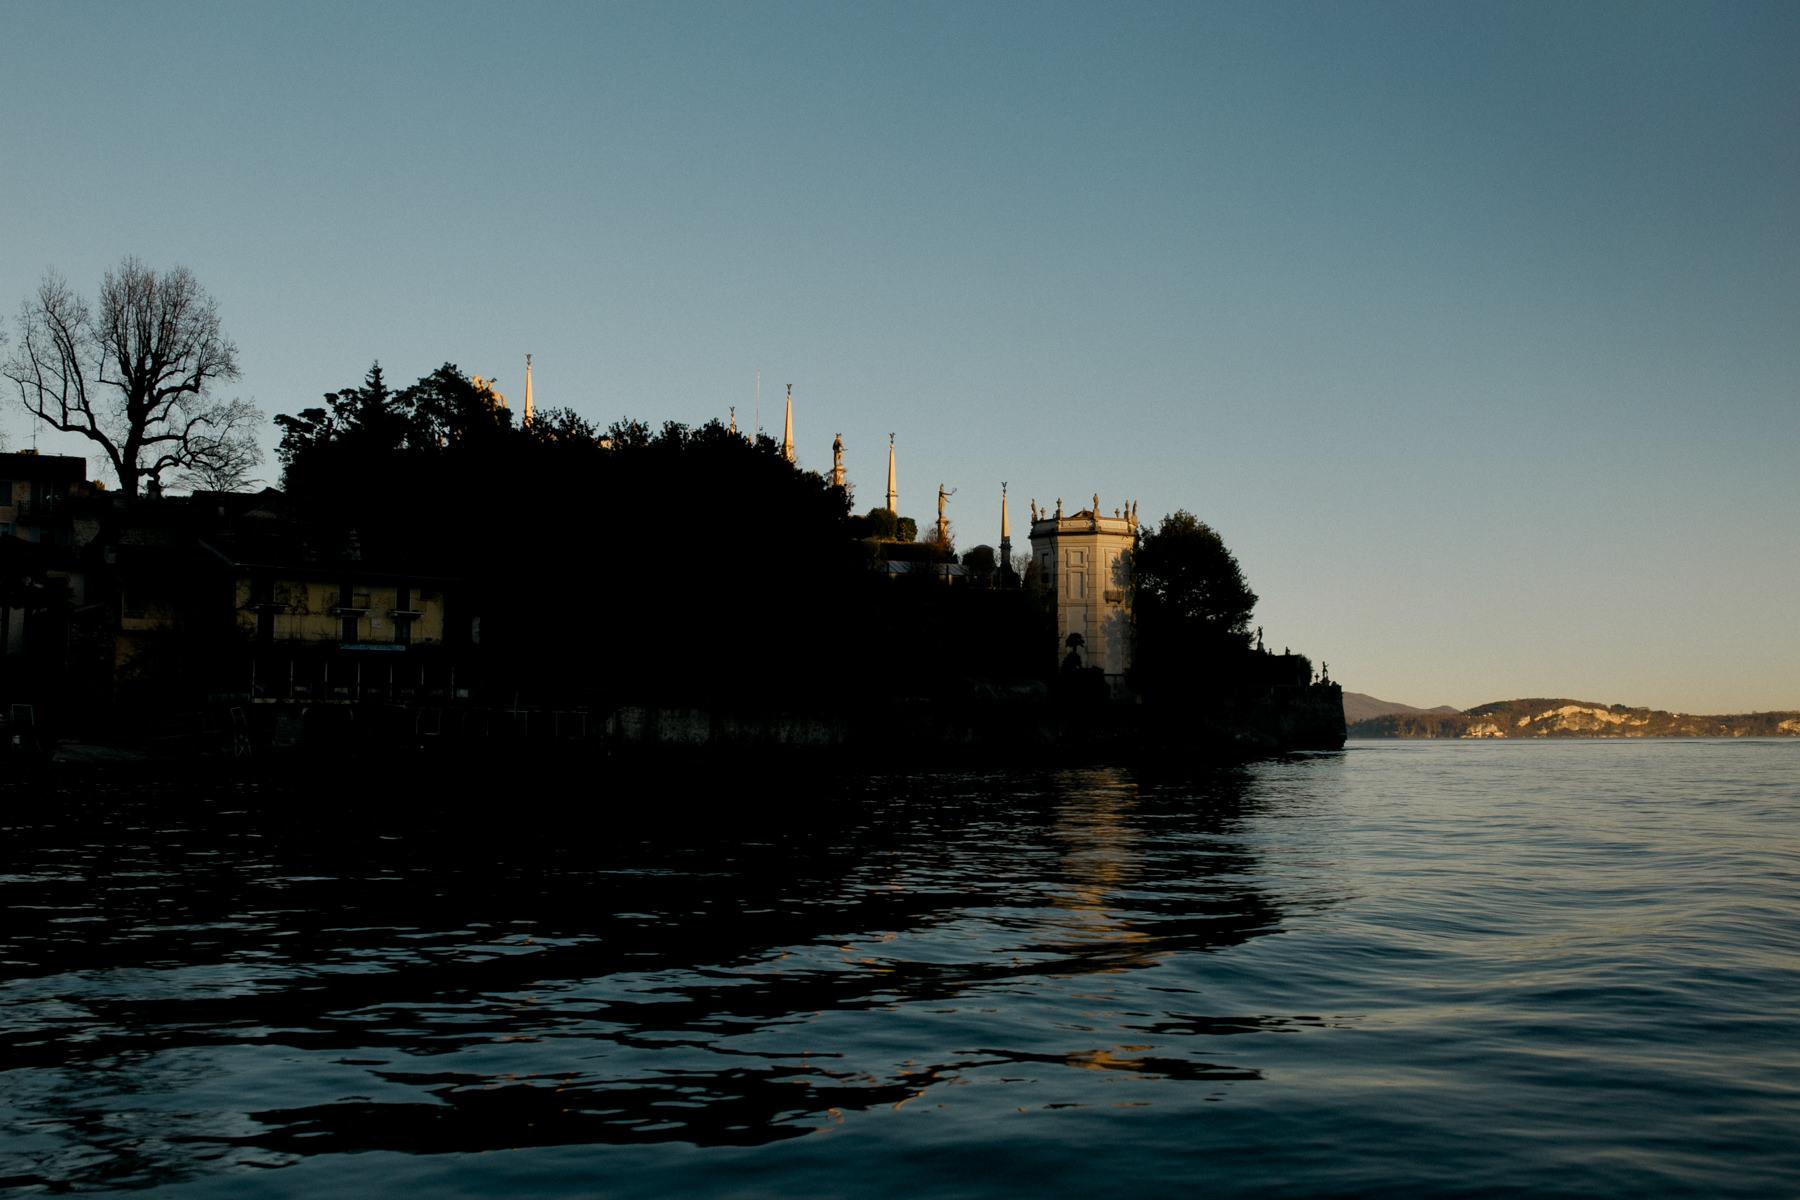 lago_maggiore_italy_liviafigueiredo_8483.jpg